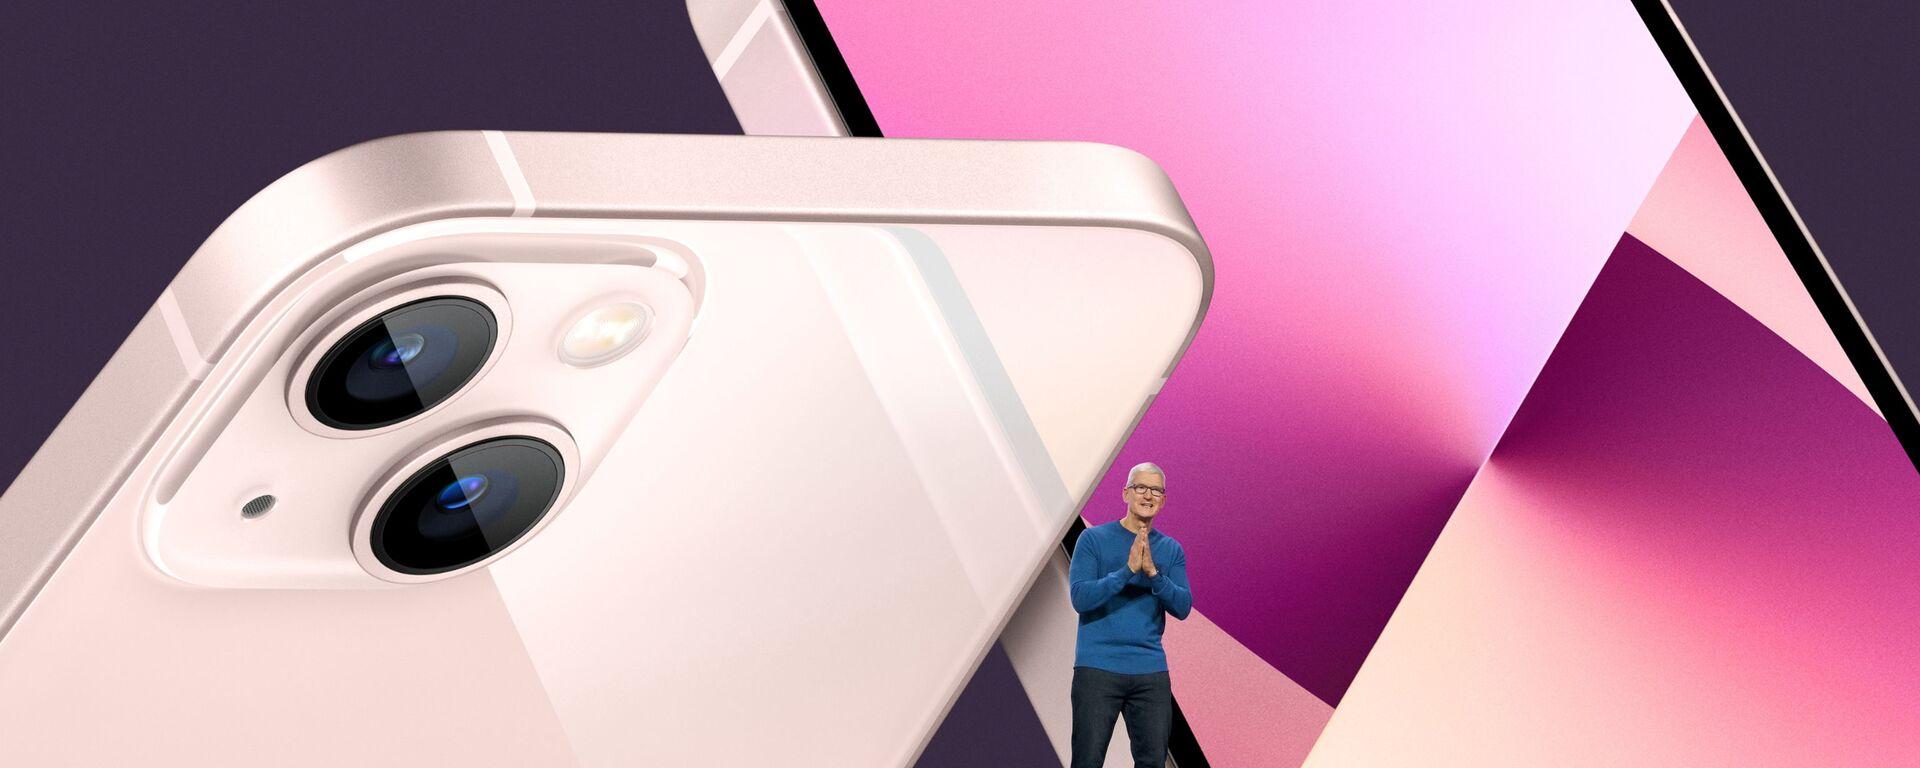 CEO Apple Tim Cook tại buổi giới thiệu iPhone 13 - Sputnik Việt Nam, 1920, 15.09.2021